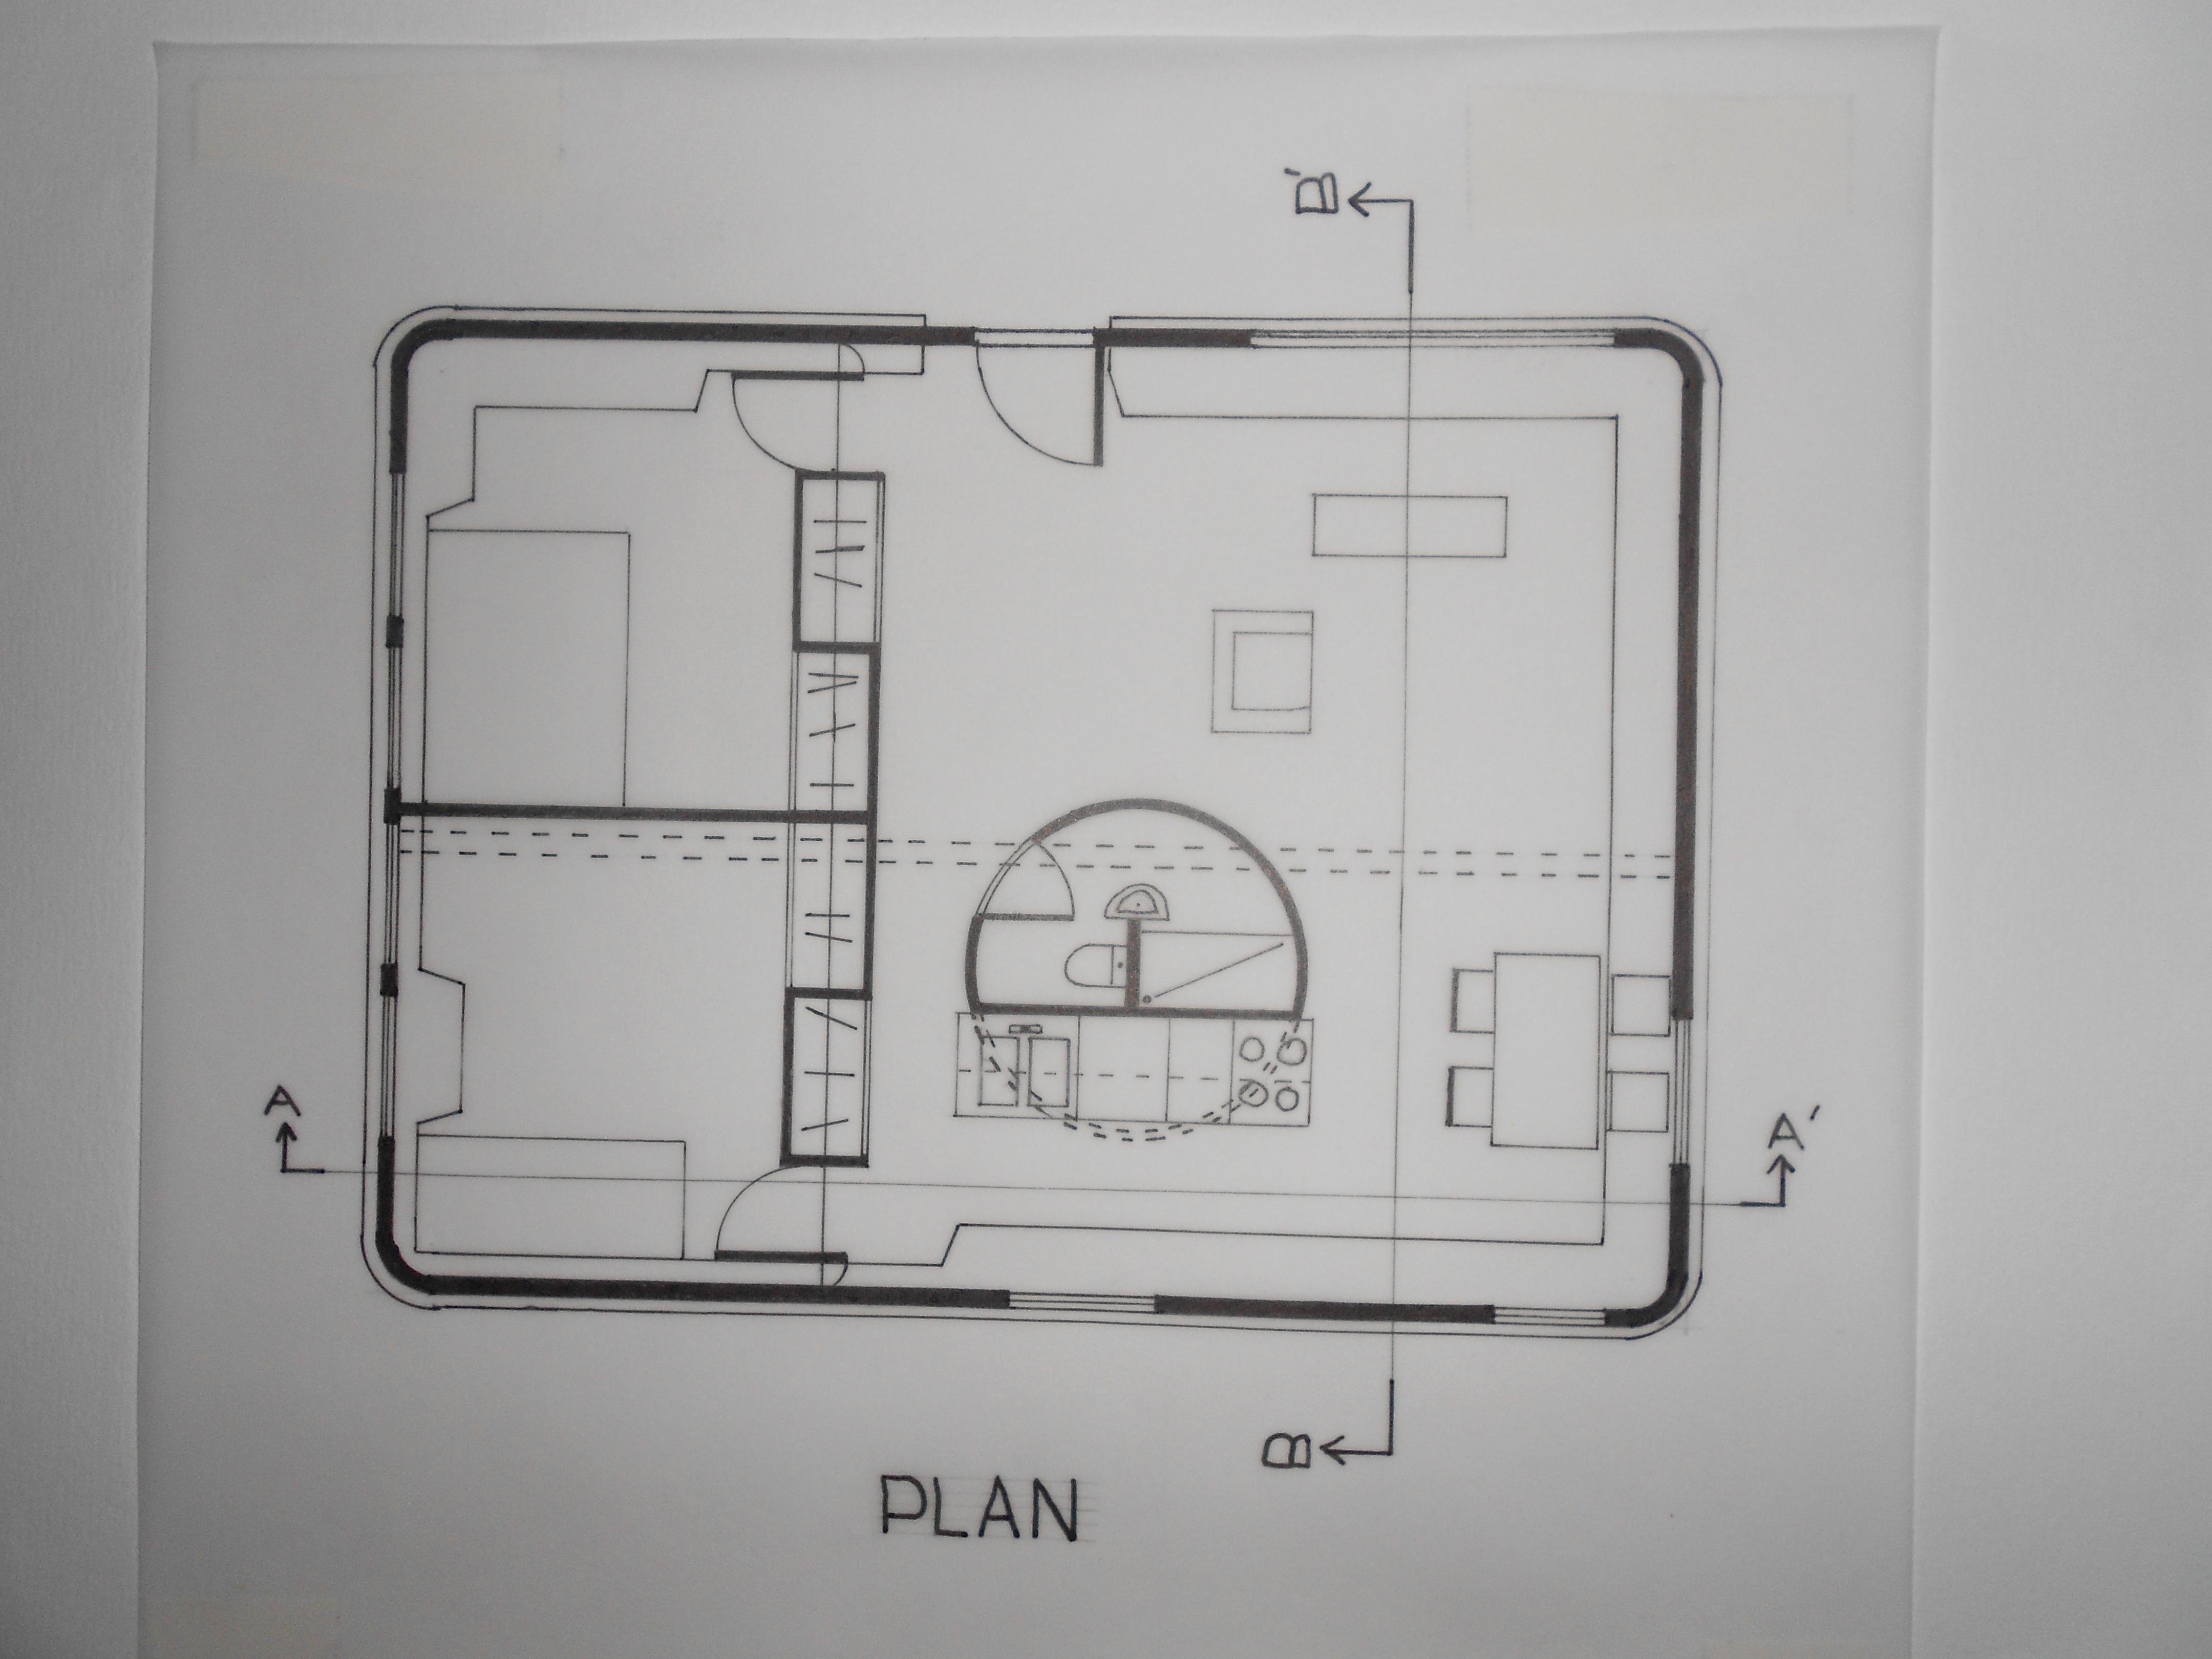 Les Meilleurs Plans De Maison Mod Les Et Plans De Maisons Mod Le - Les meilleurs plans de maison